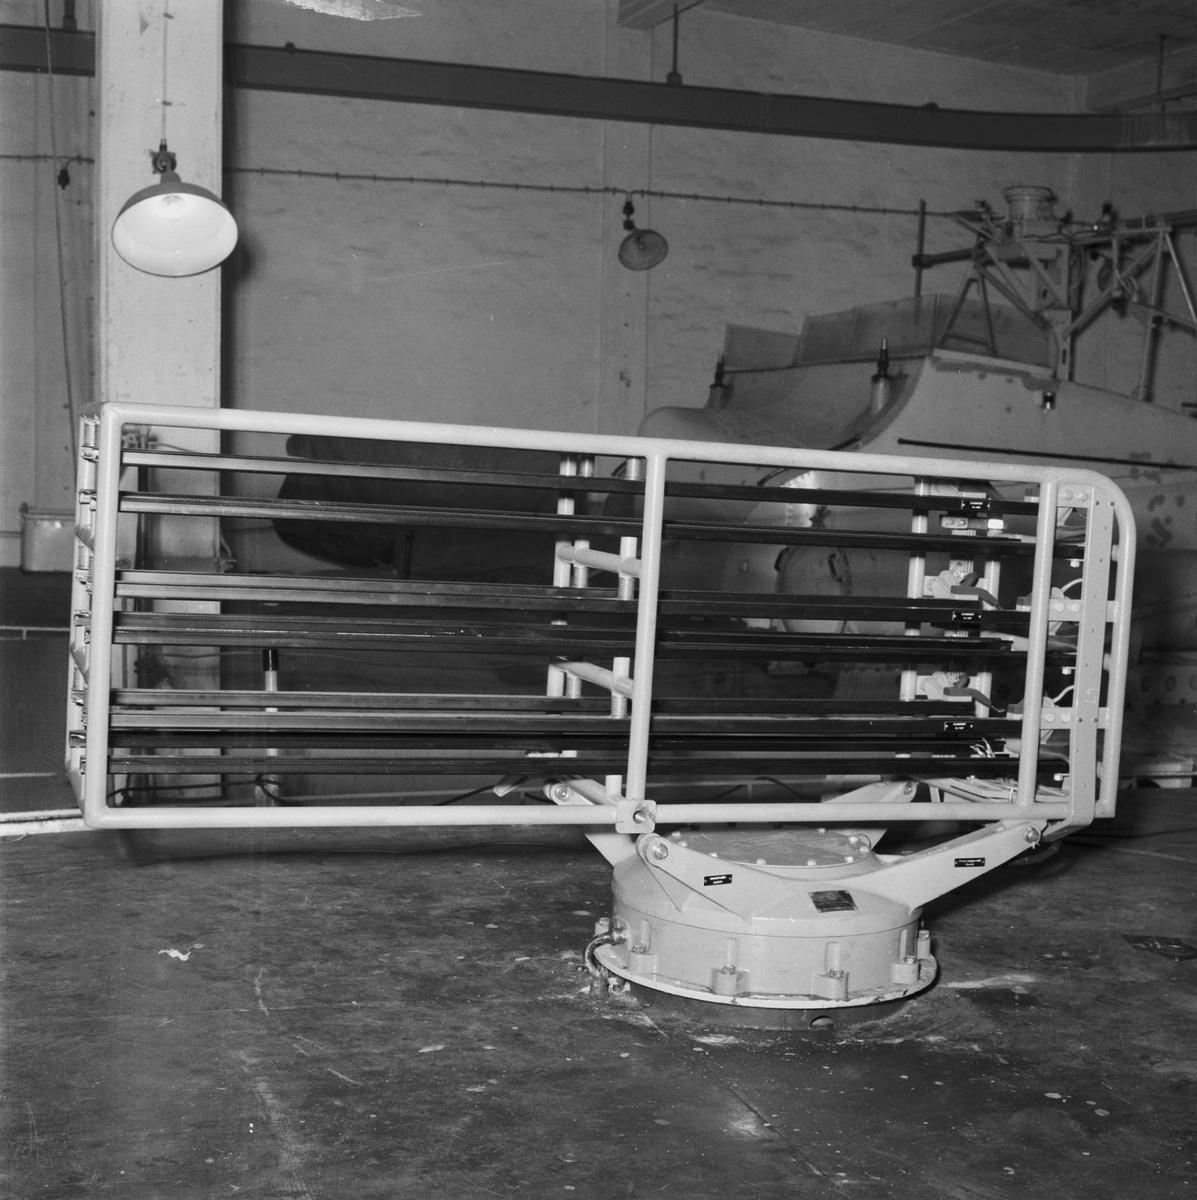 Fartyg: T 42                           Bredd över allt 5,9 meter Längd över allt 23 meter  Rederi: Kungliga Flottan, Marinen Byggår: 1956 Varv: Kockums Övrigt: Se ovan.